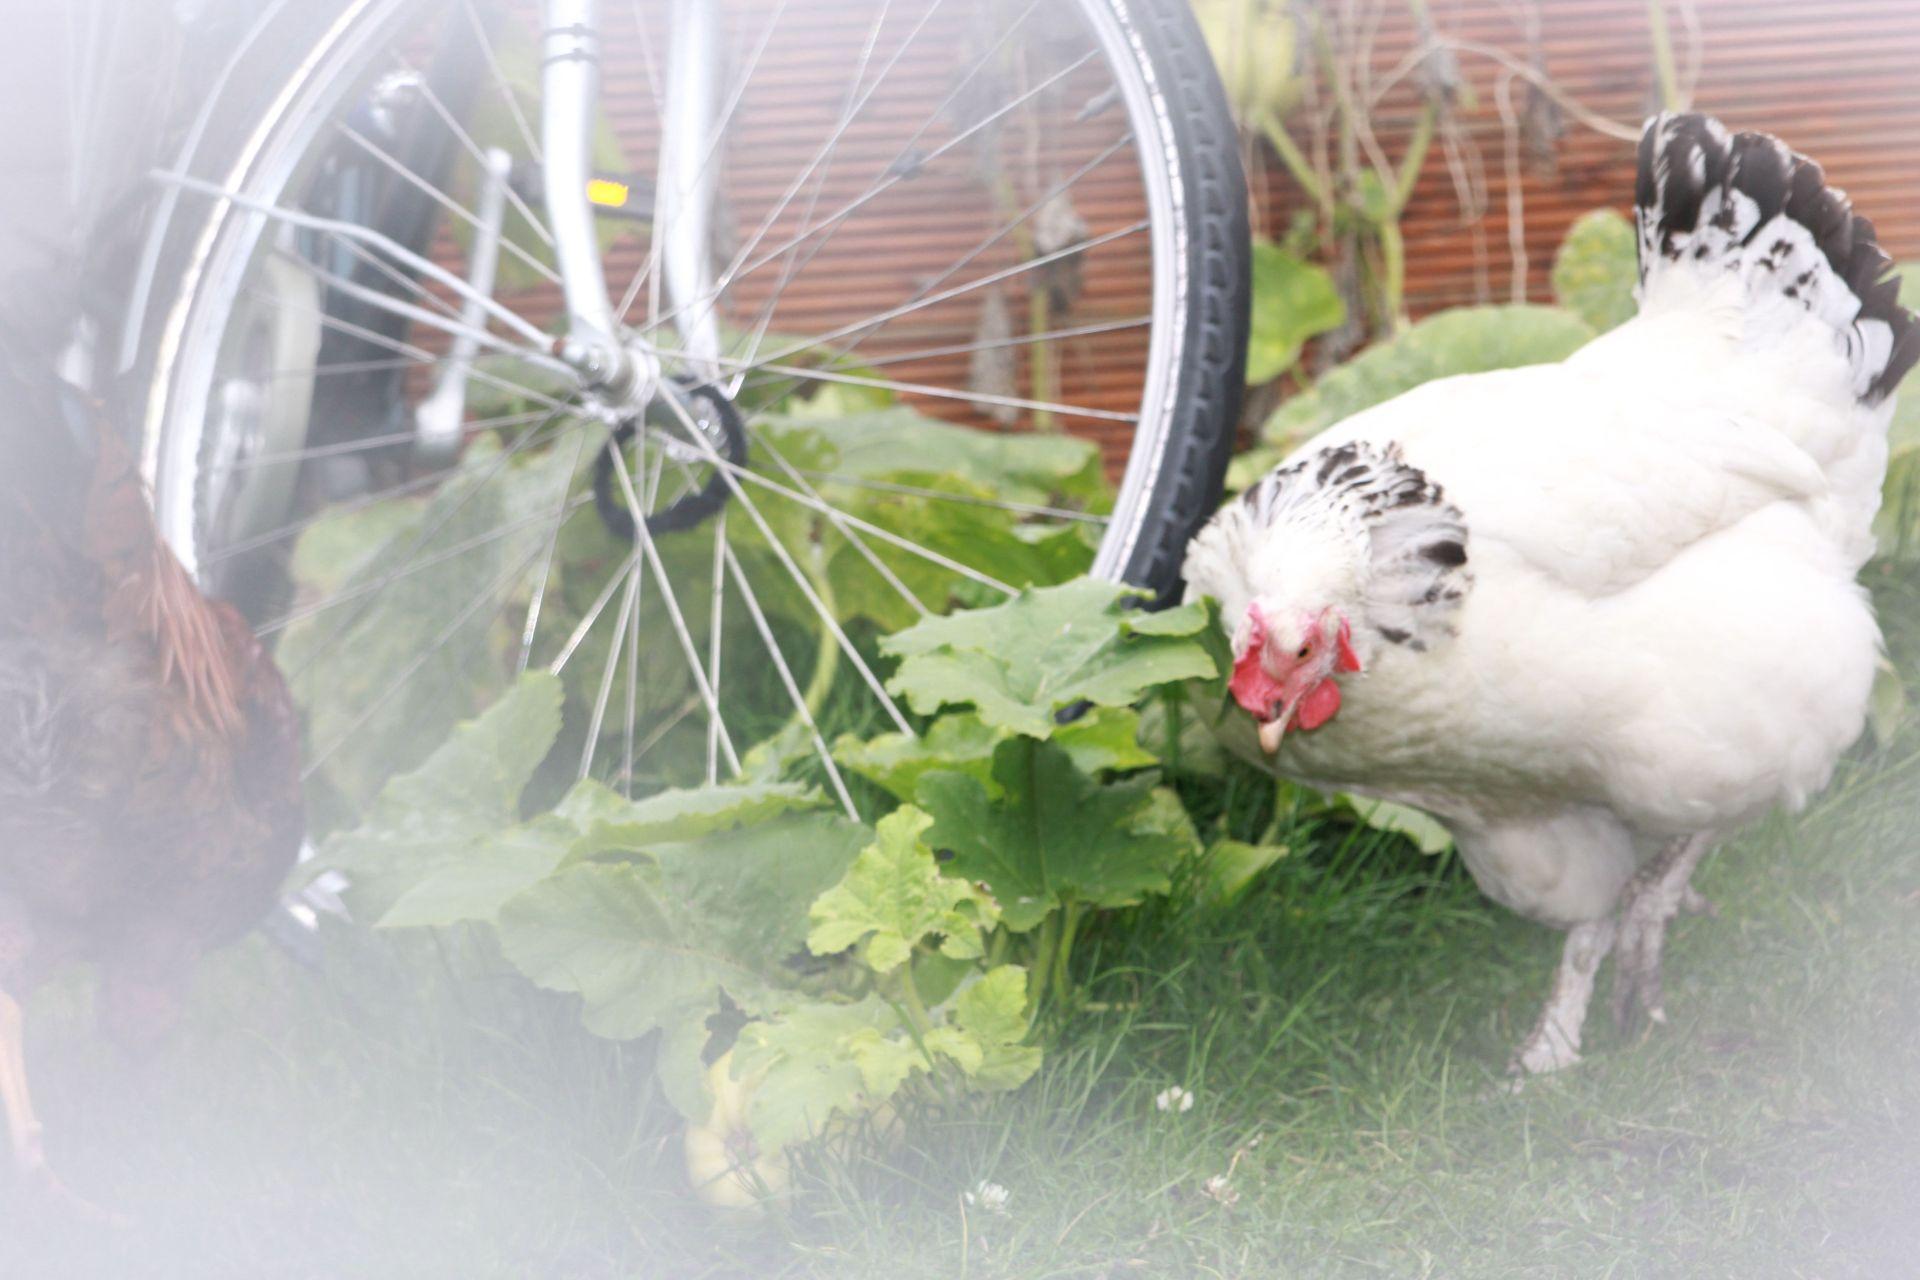 Weißes Huhn neben Fahrradreifen und grünen Pflanzen